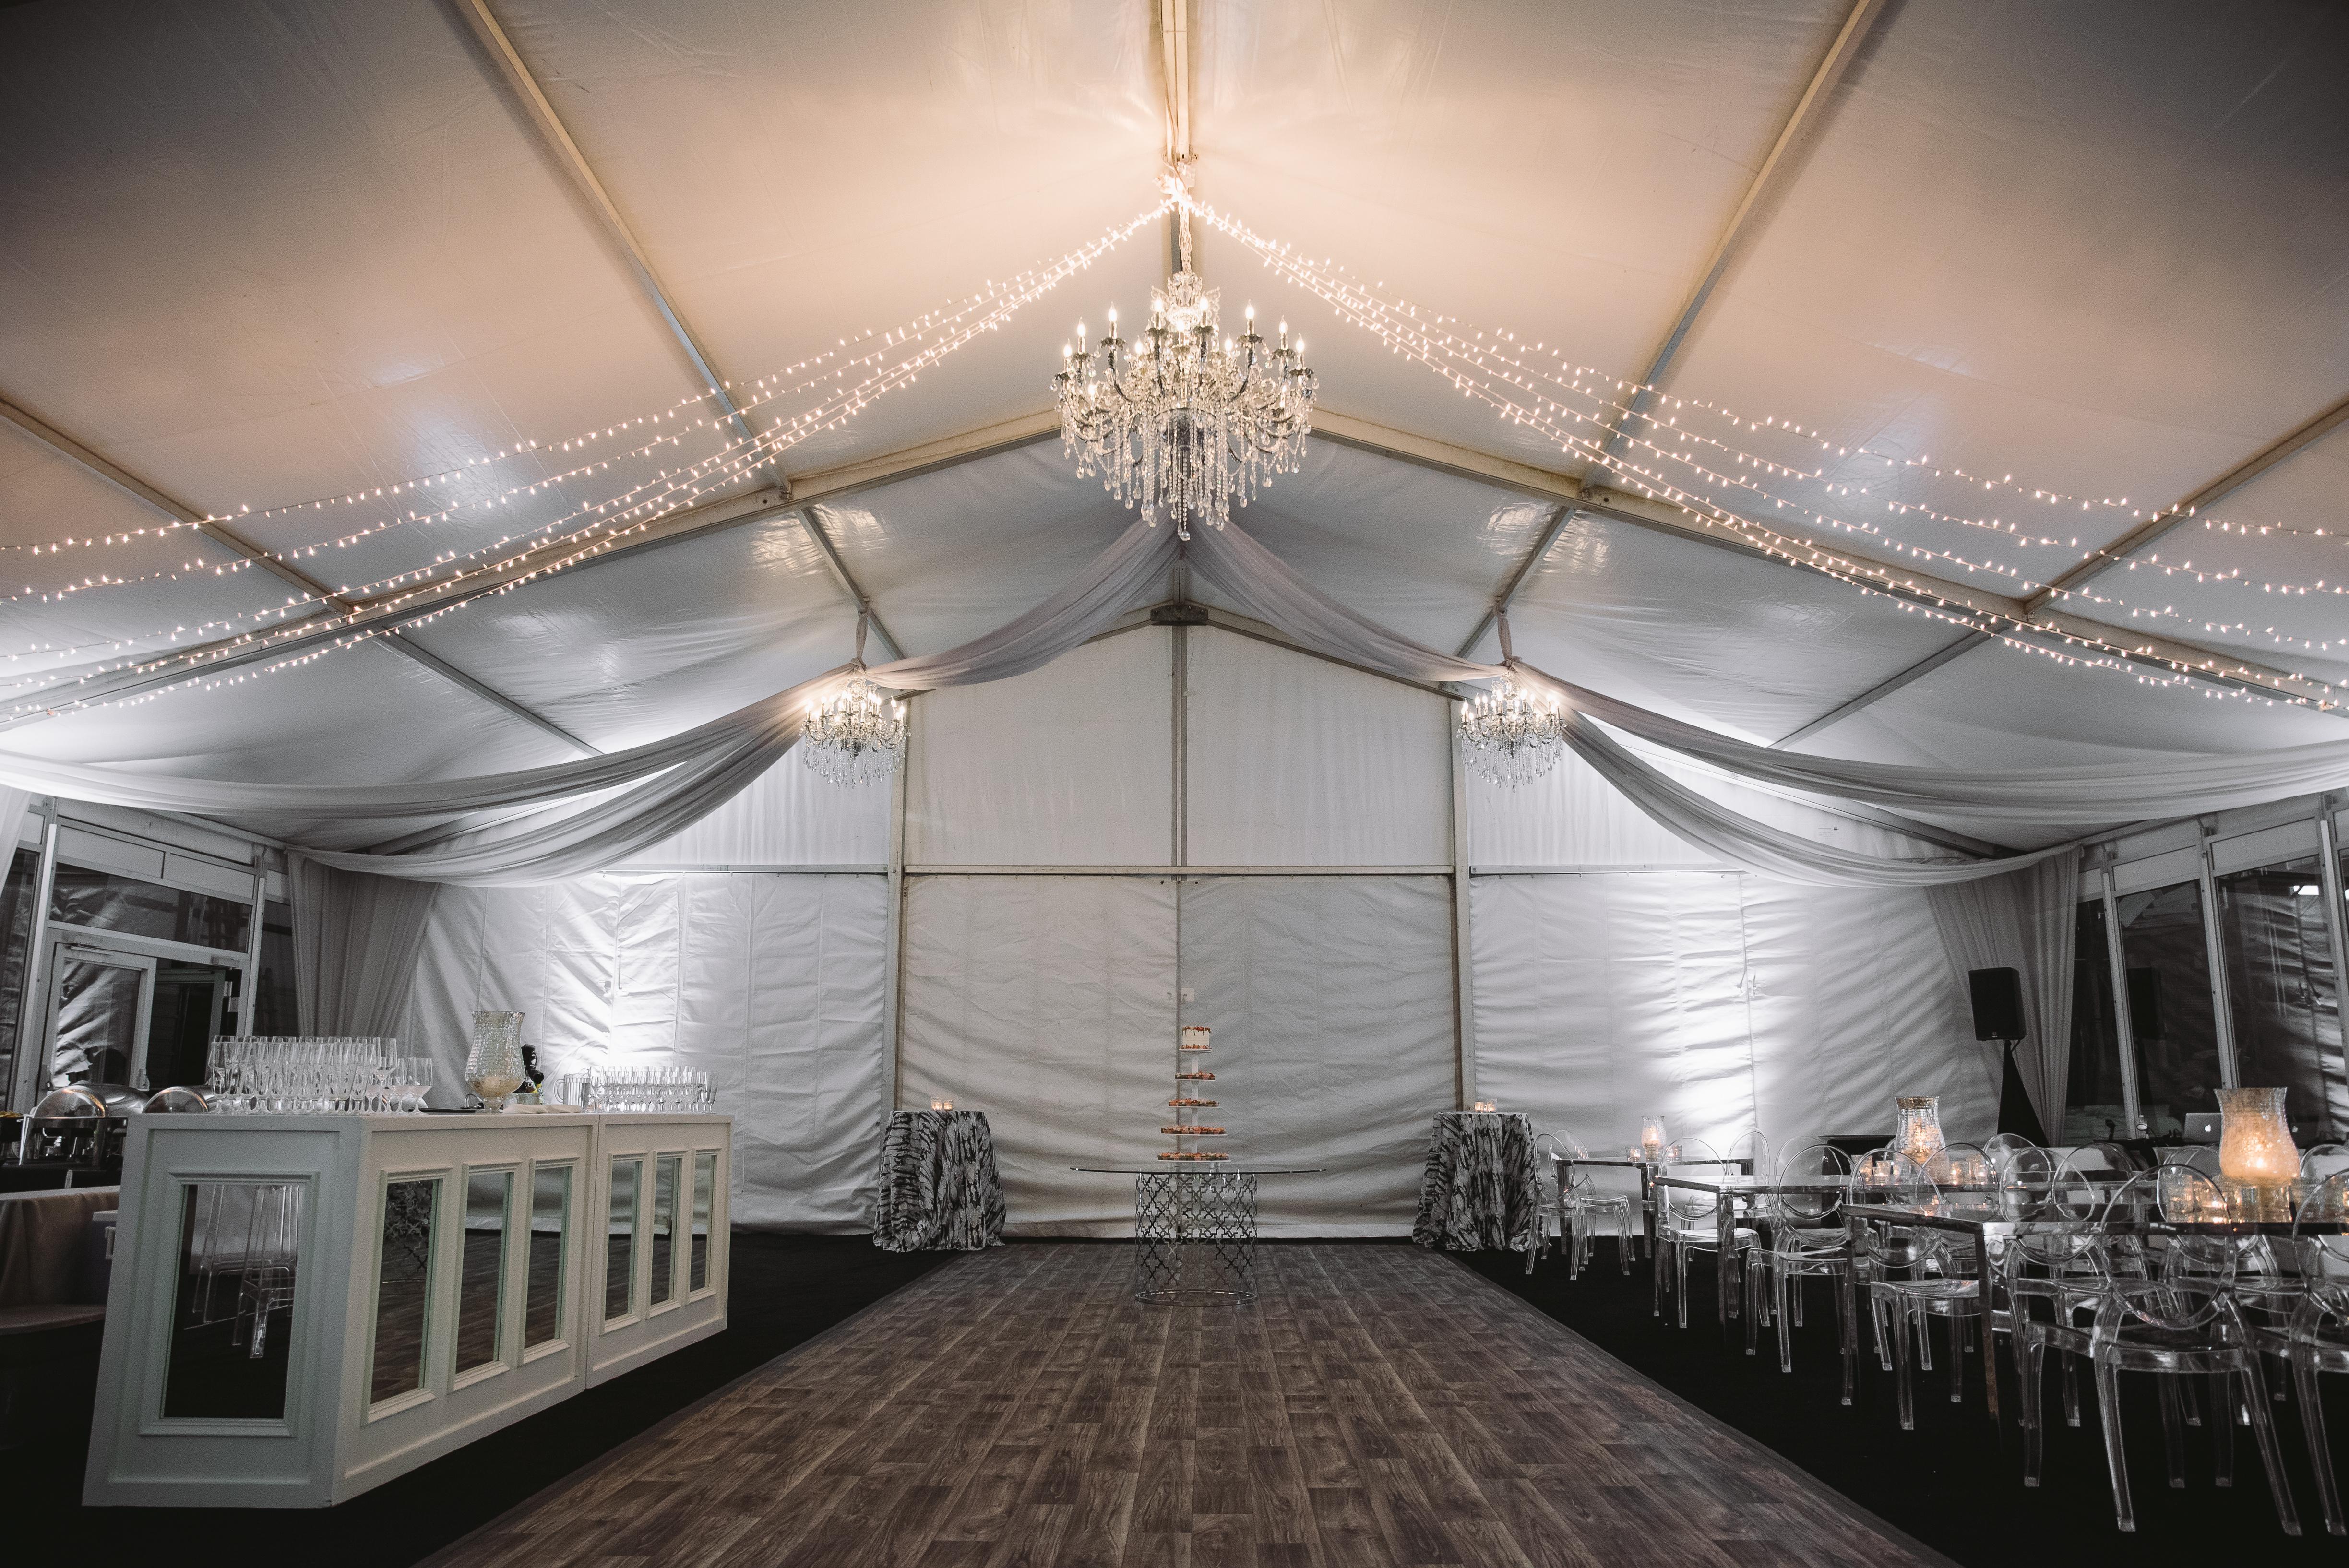 COLA Tent Design